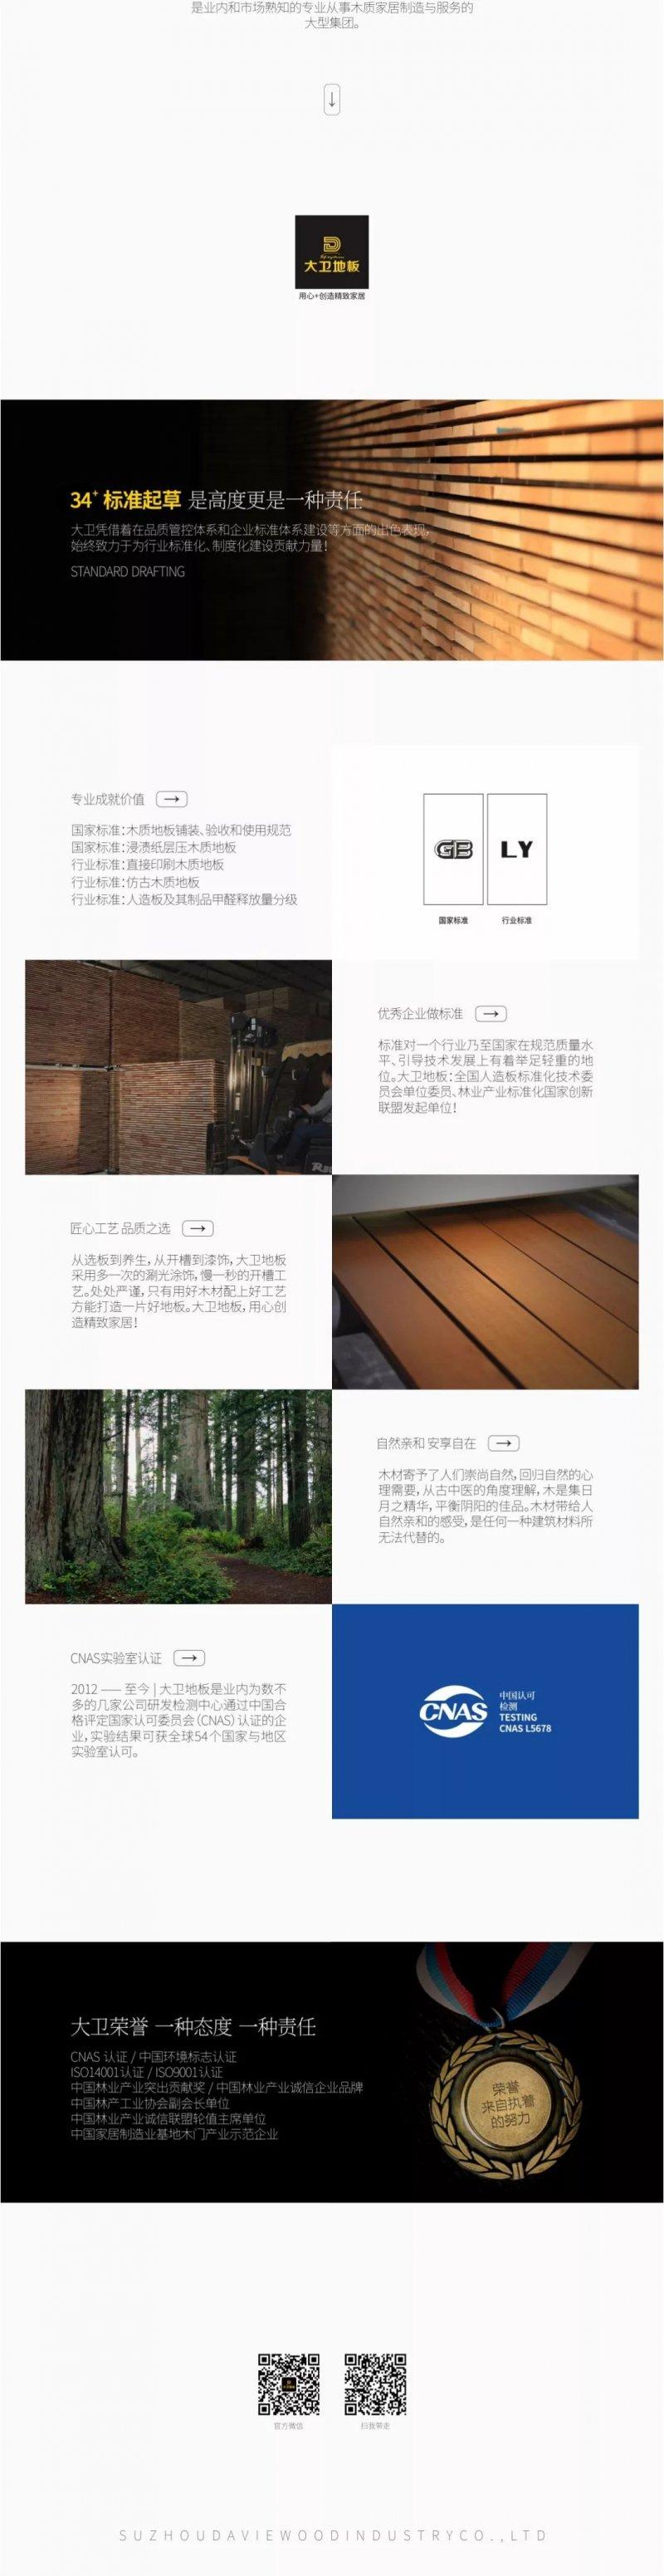 大卫地板产品-木 · 物语 NO.197 - DW0091 倾城如梦